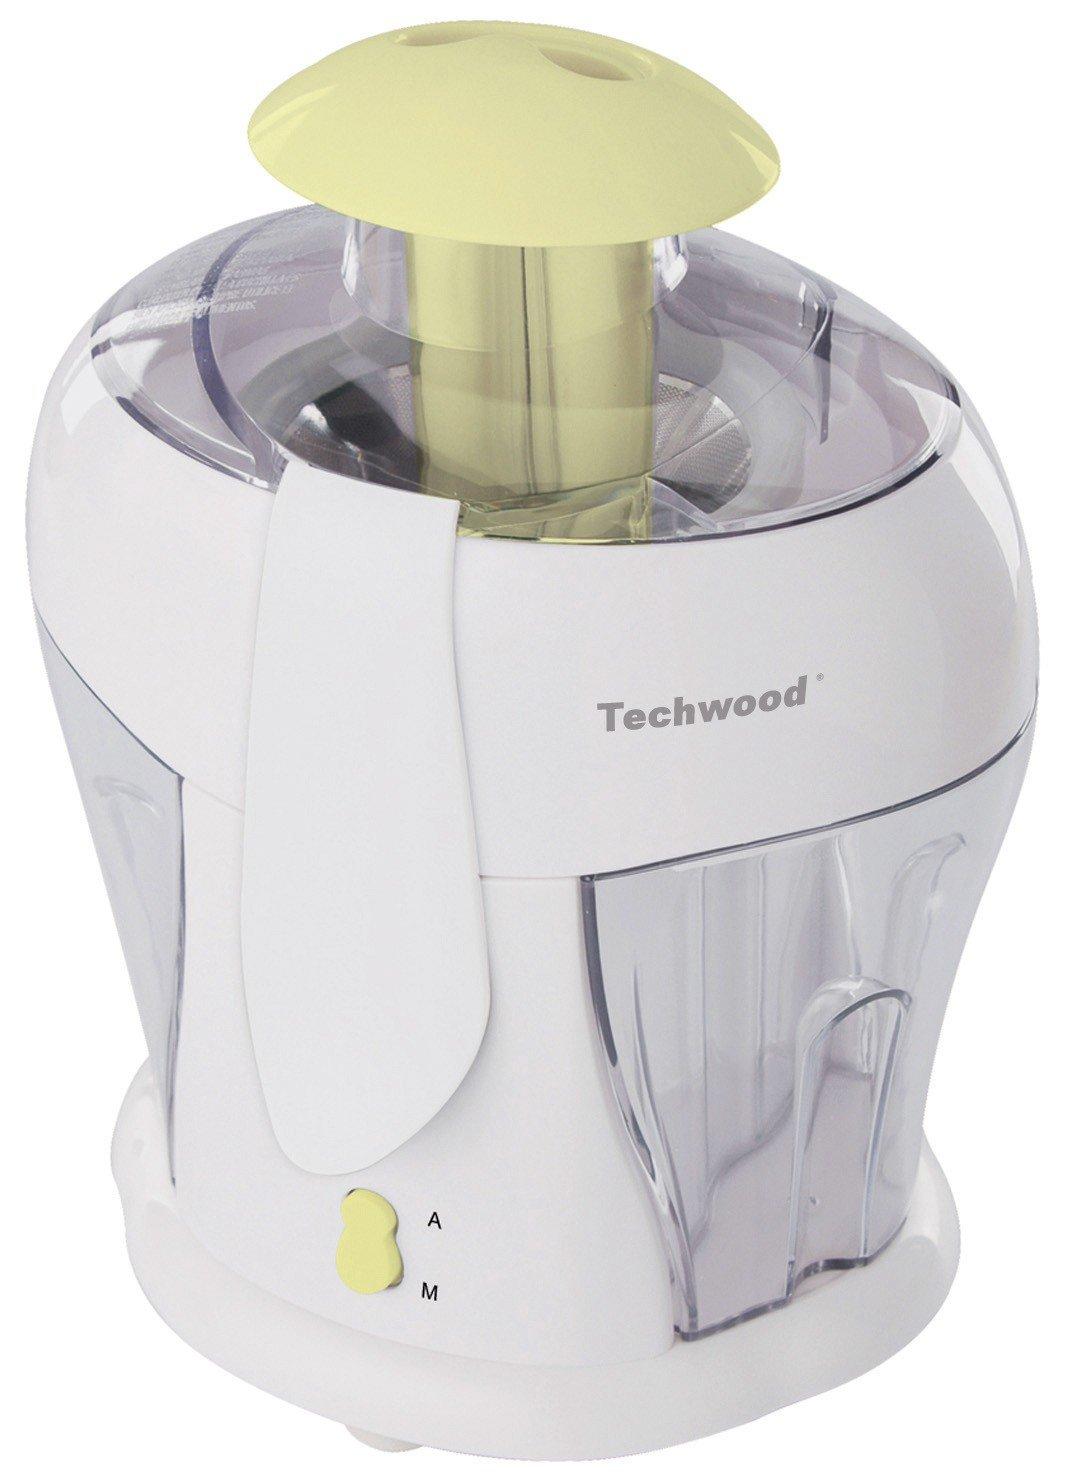 Techwood-Licuadora 350 w, 0,5L Techwood TCF-86-500: Amazon.es: Hogar